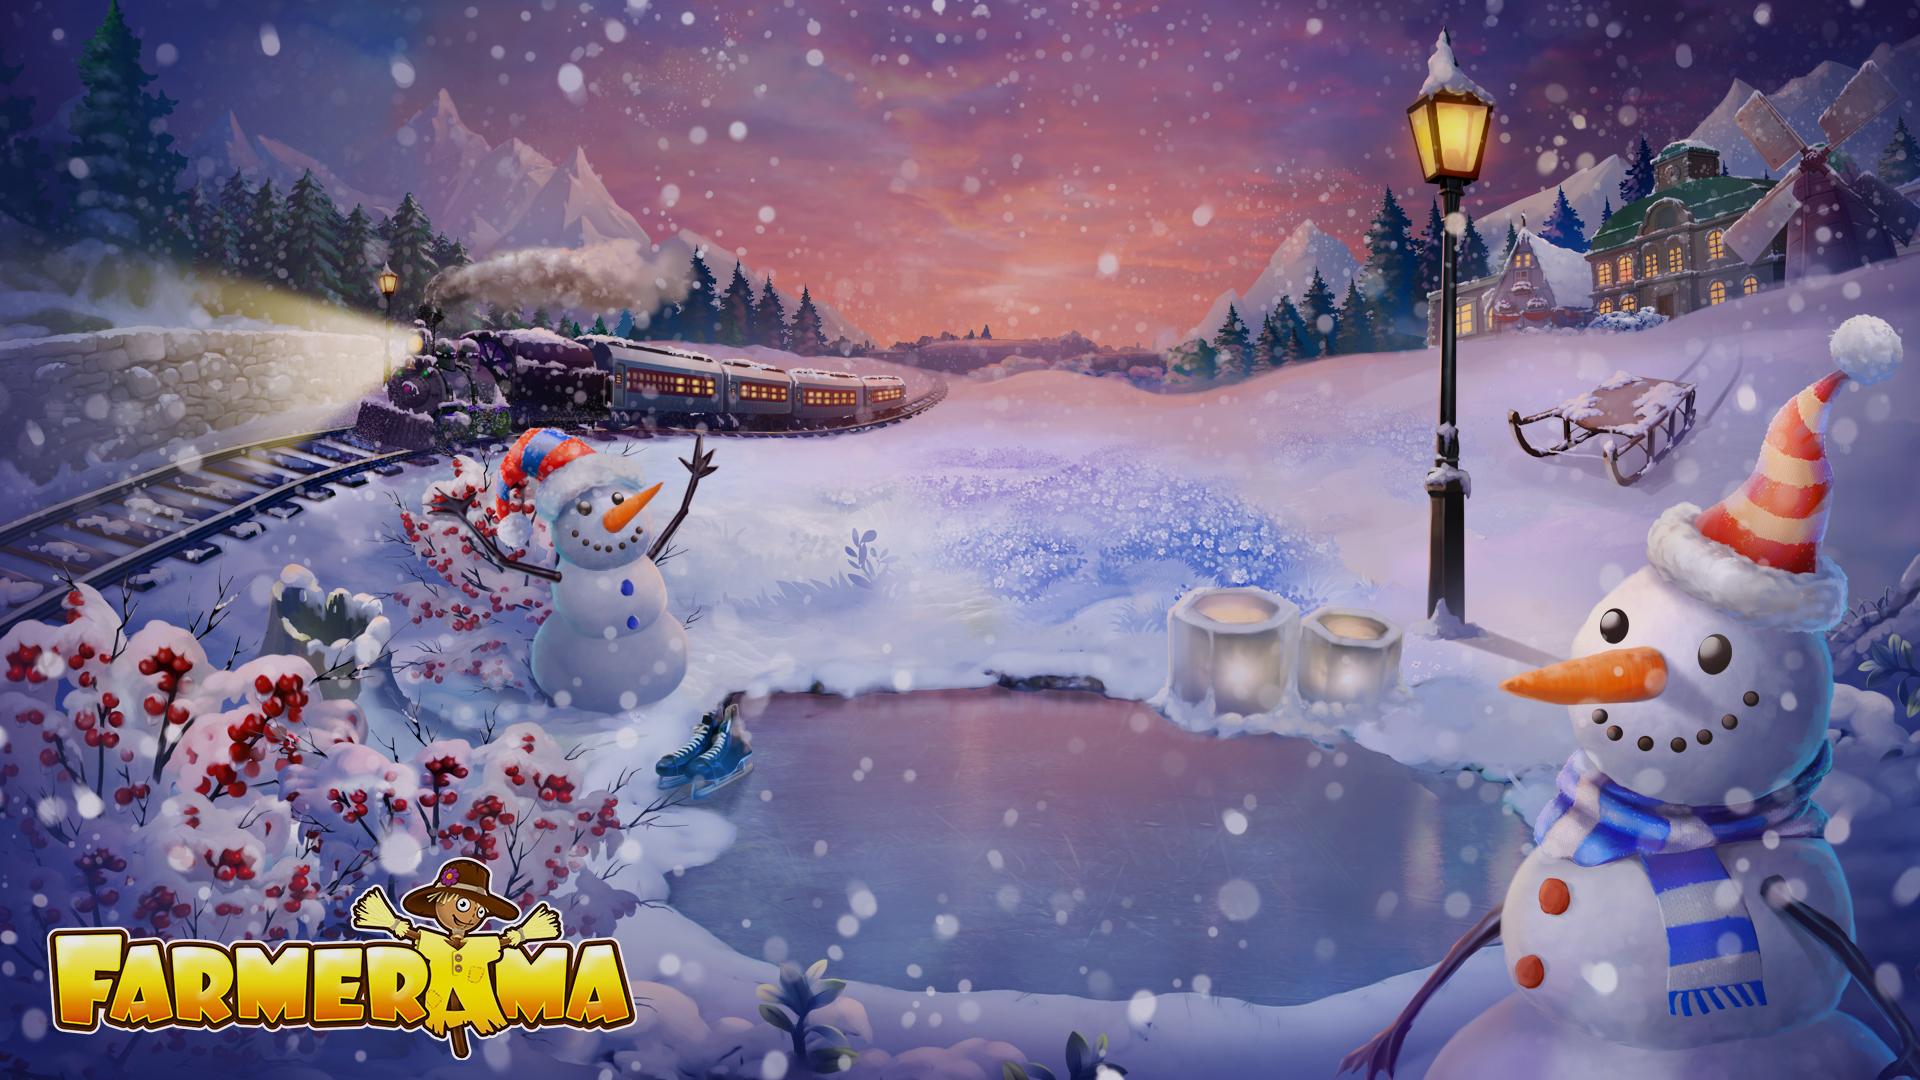 Winter Game Frame 2018 - Wallpaper.jpg